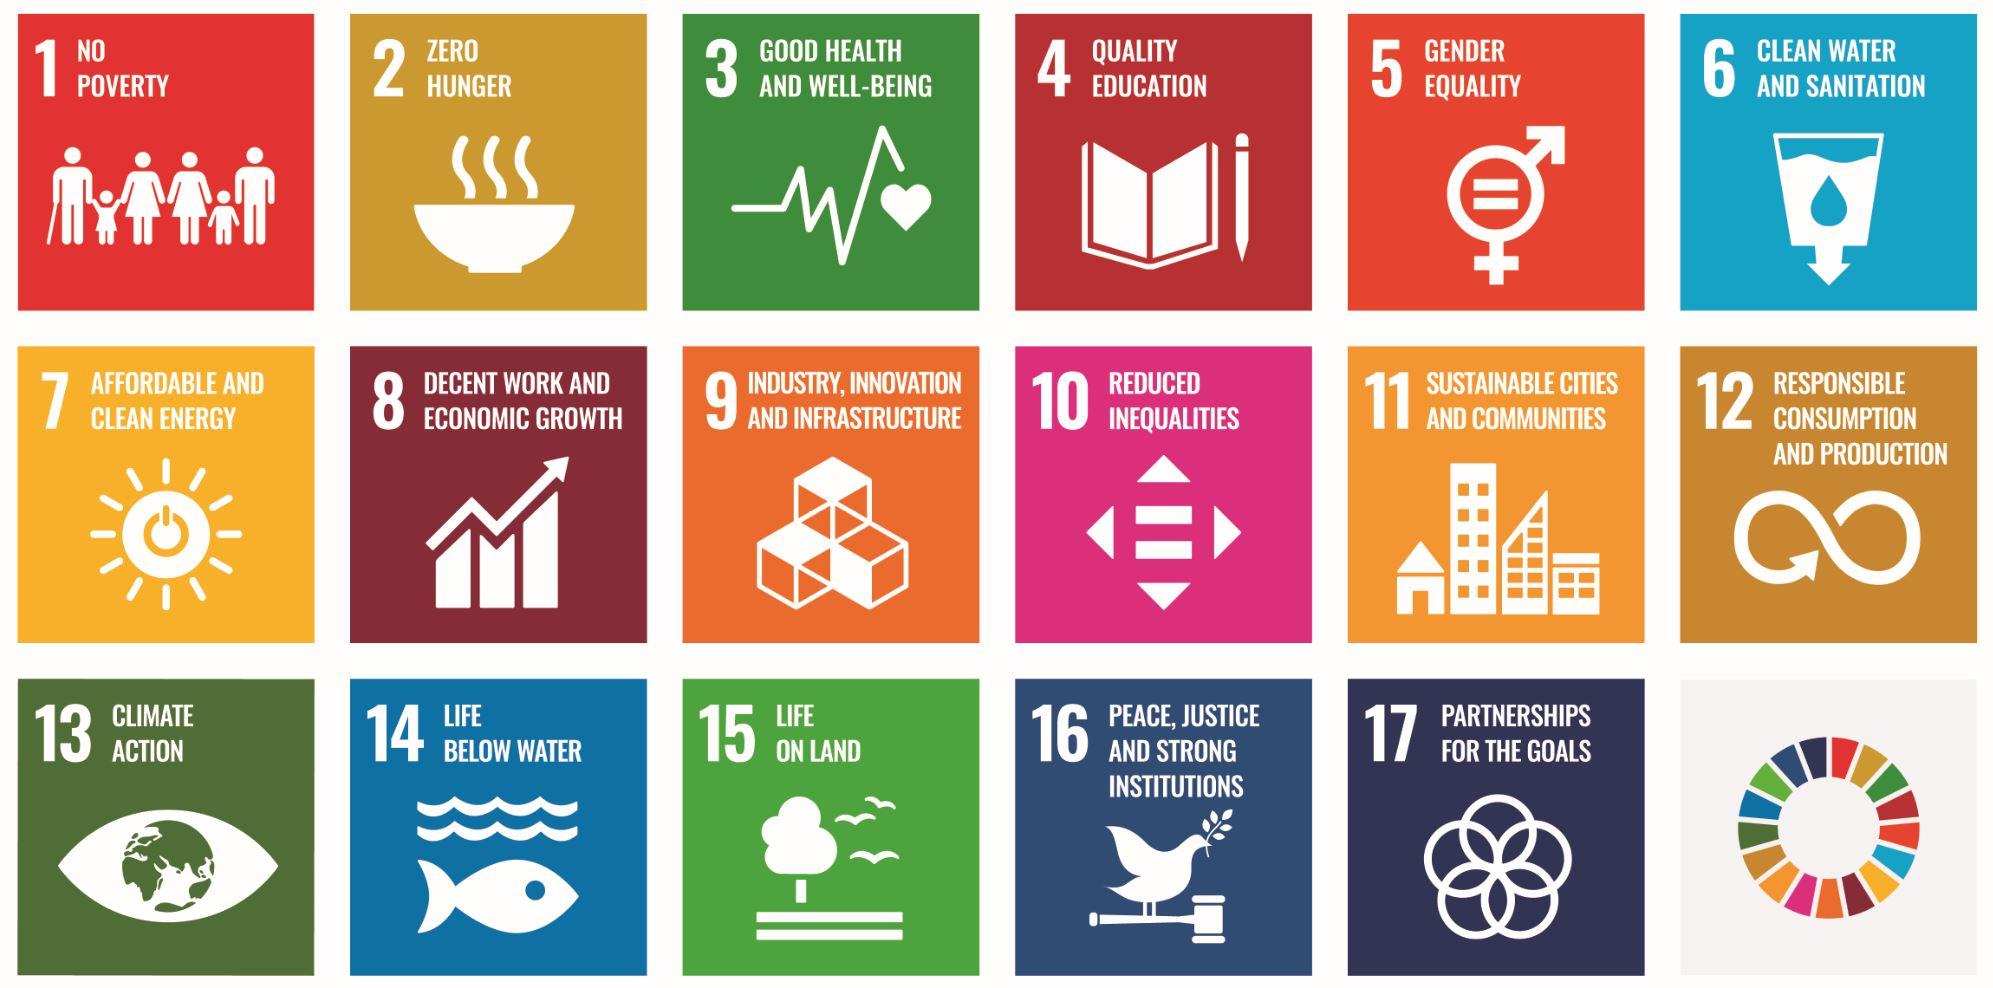 Figure 2: UN's 2030 Sustainable Development Goals (SDGs)